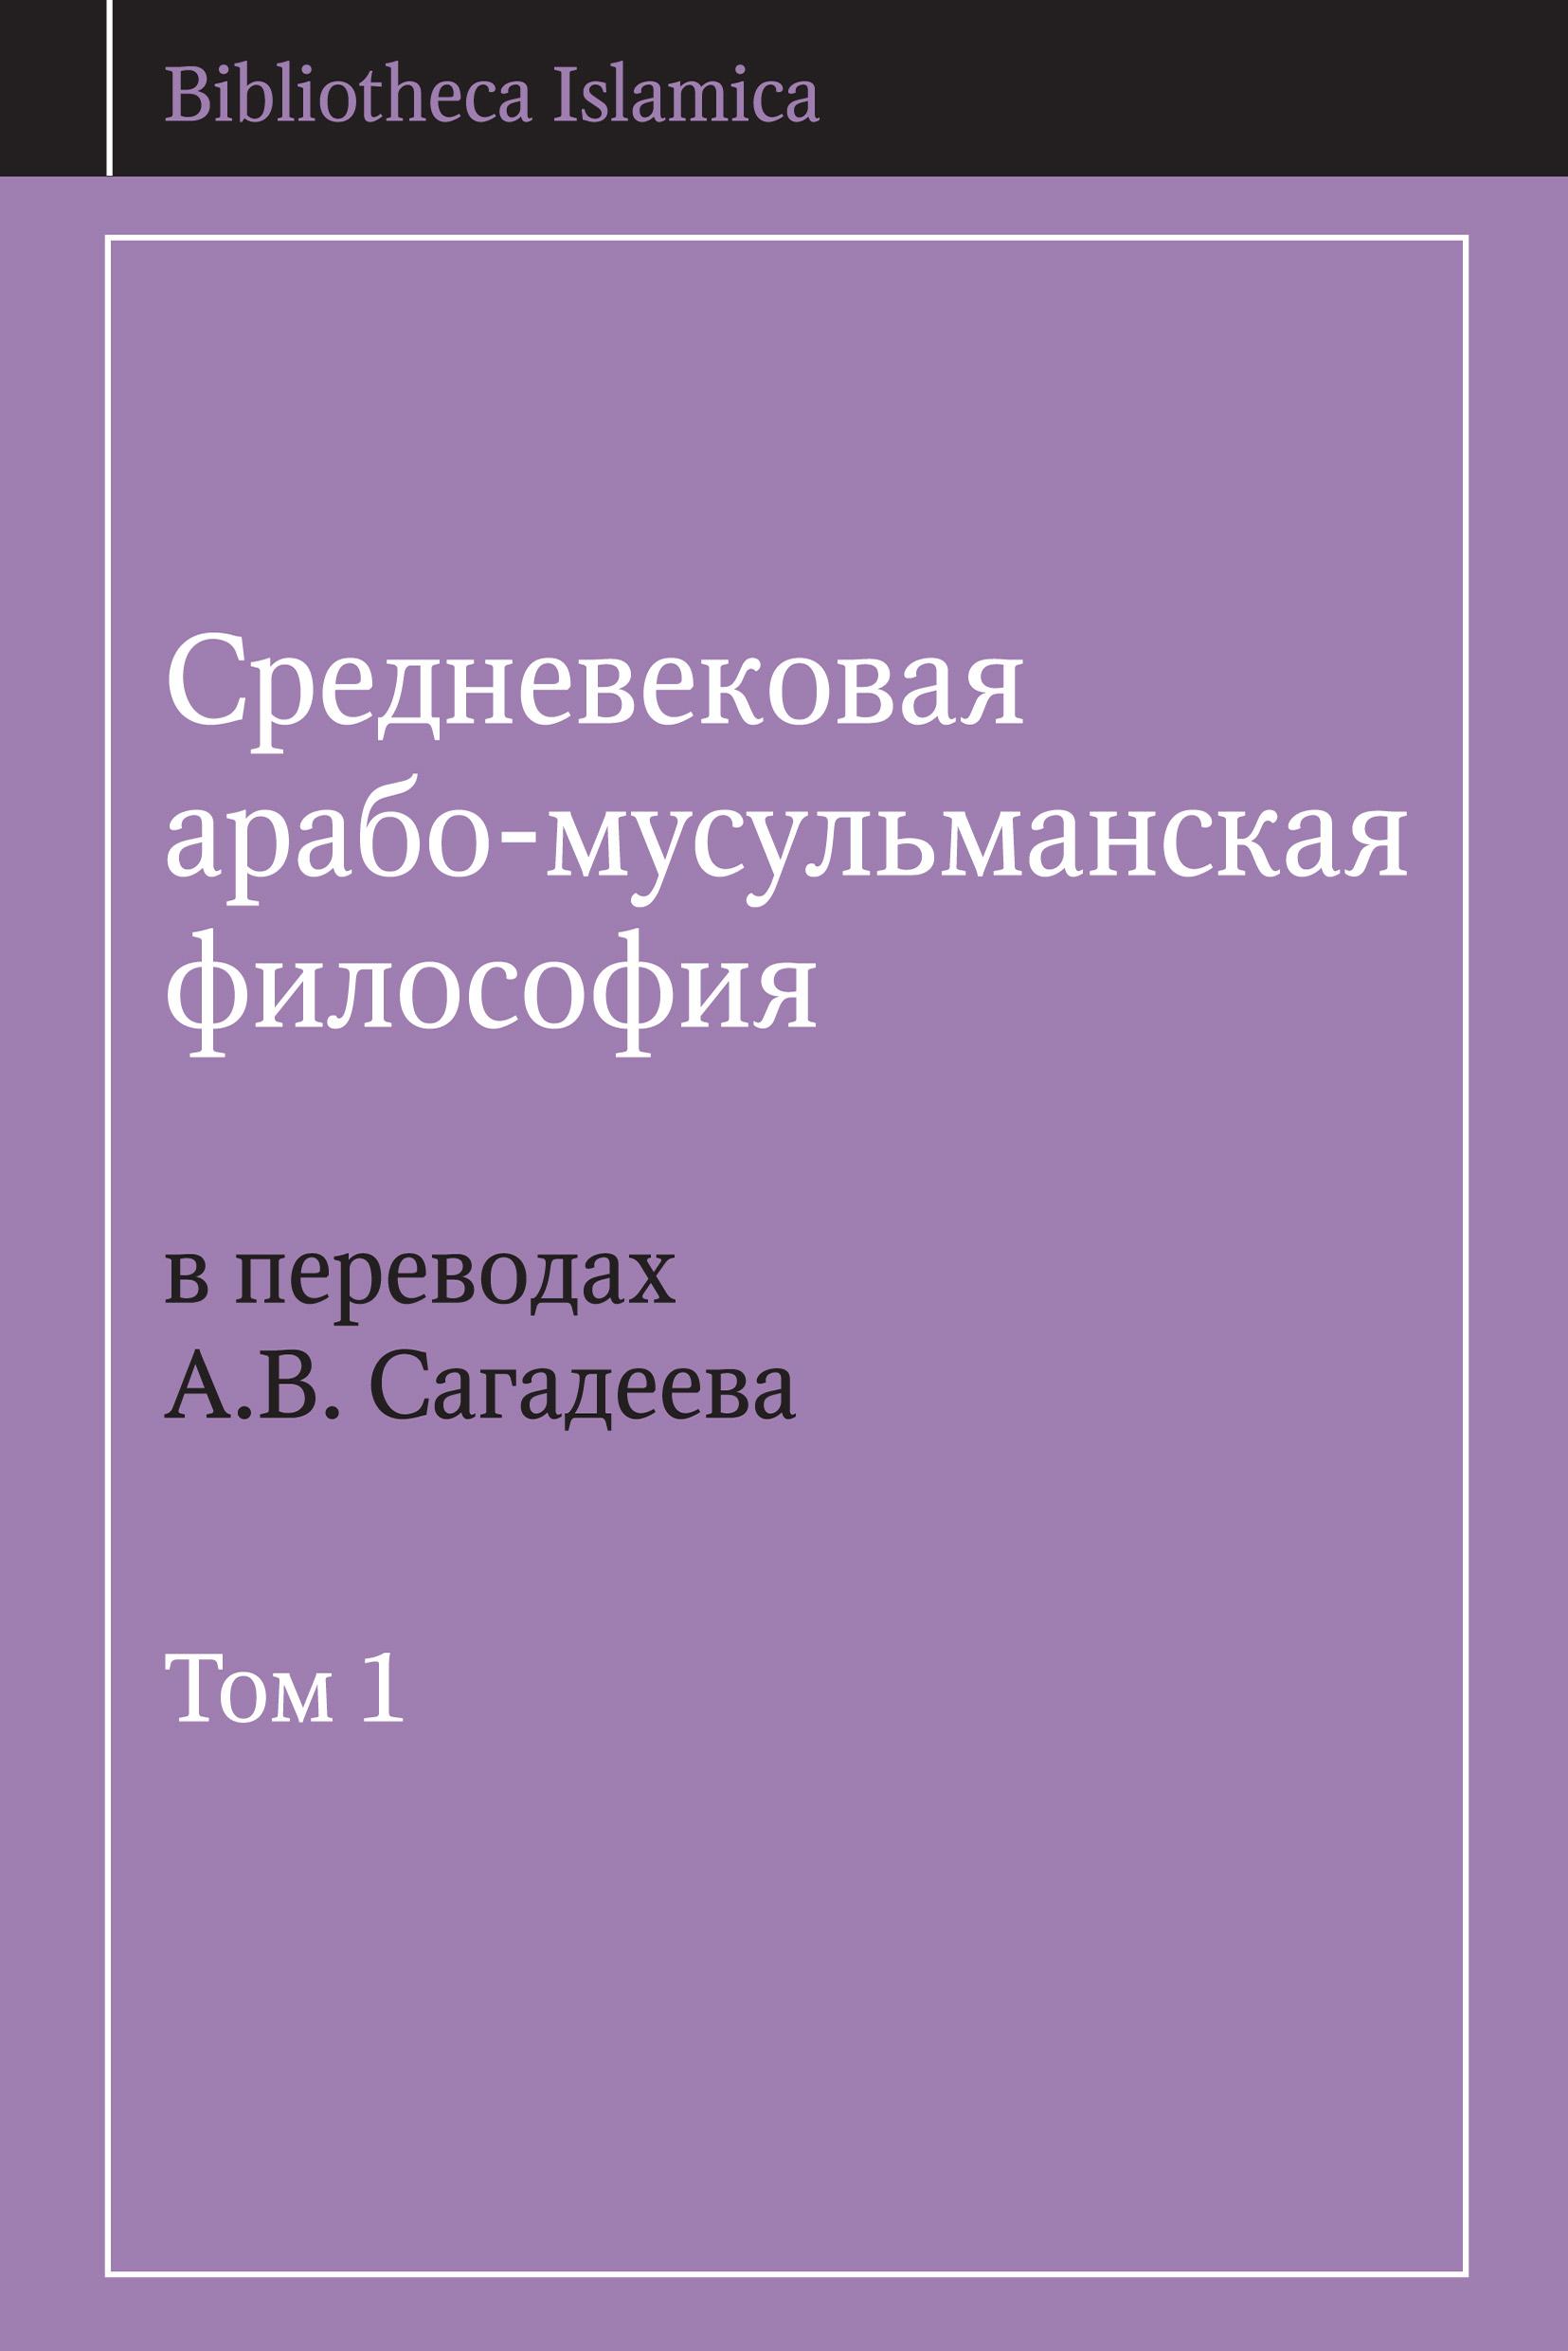 Средневековая арабо-мусульманская философия в переводах А.В. Сагадеева. Том 1